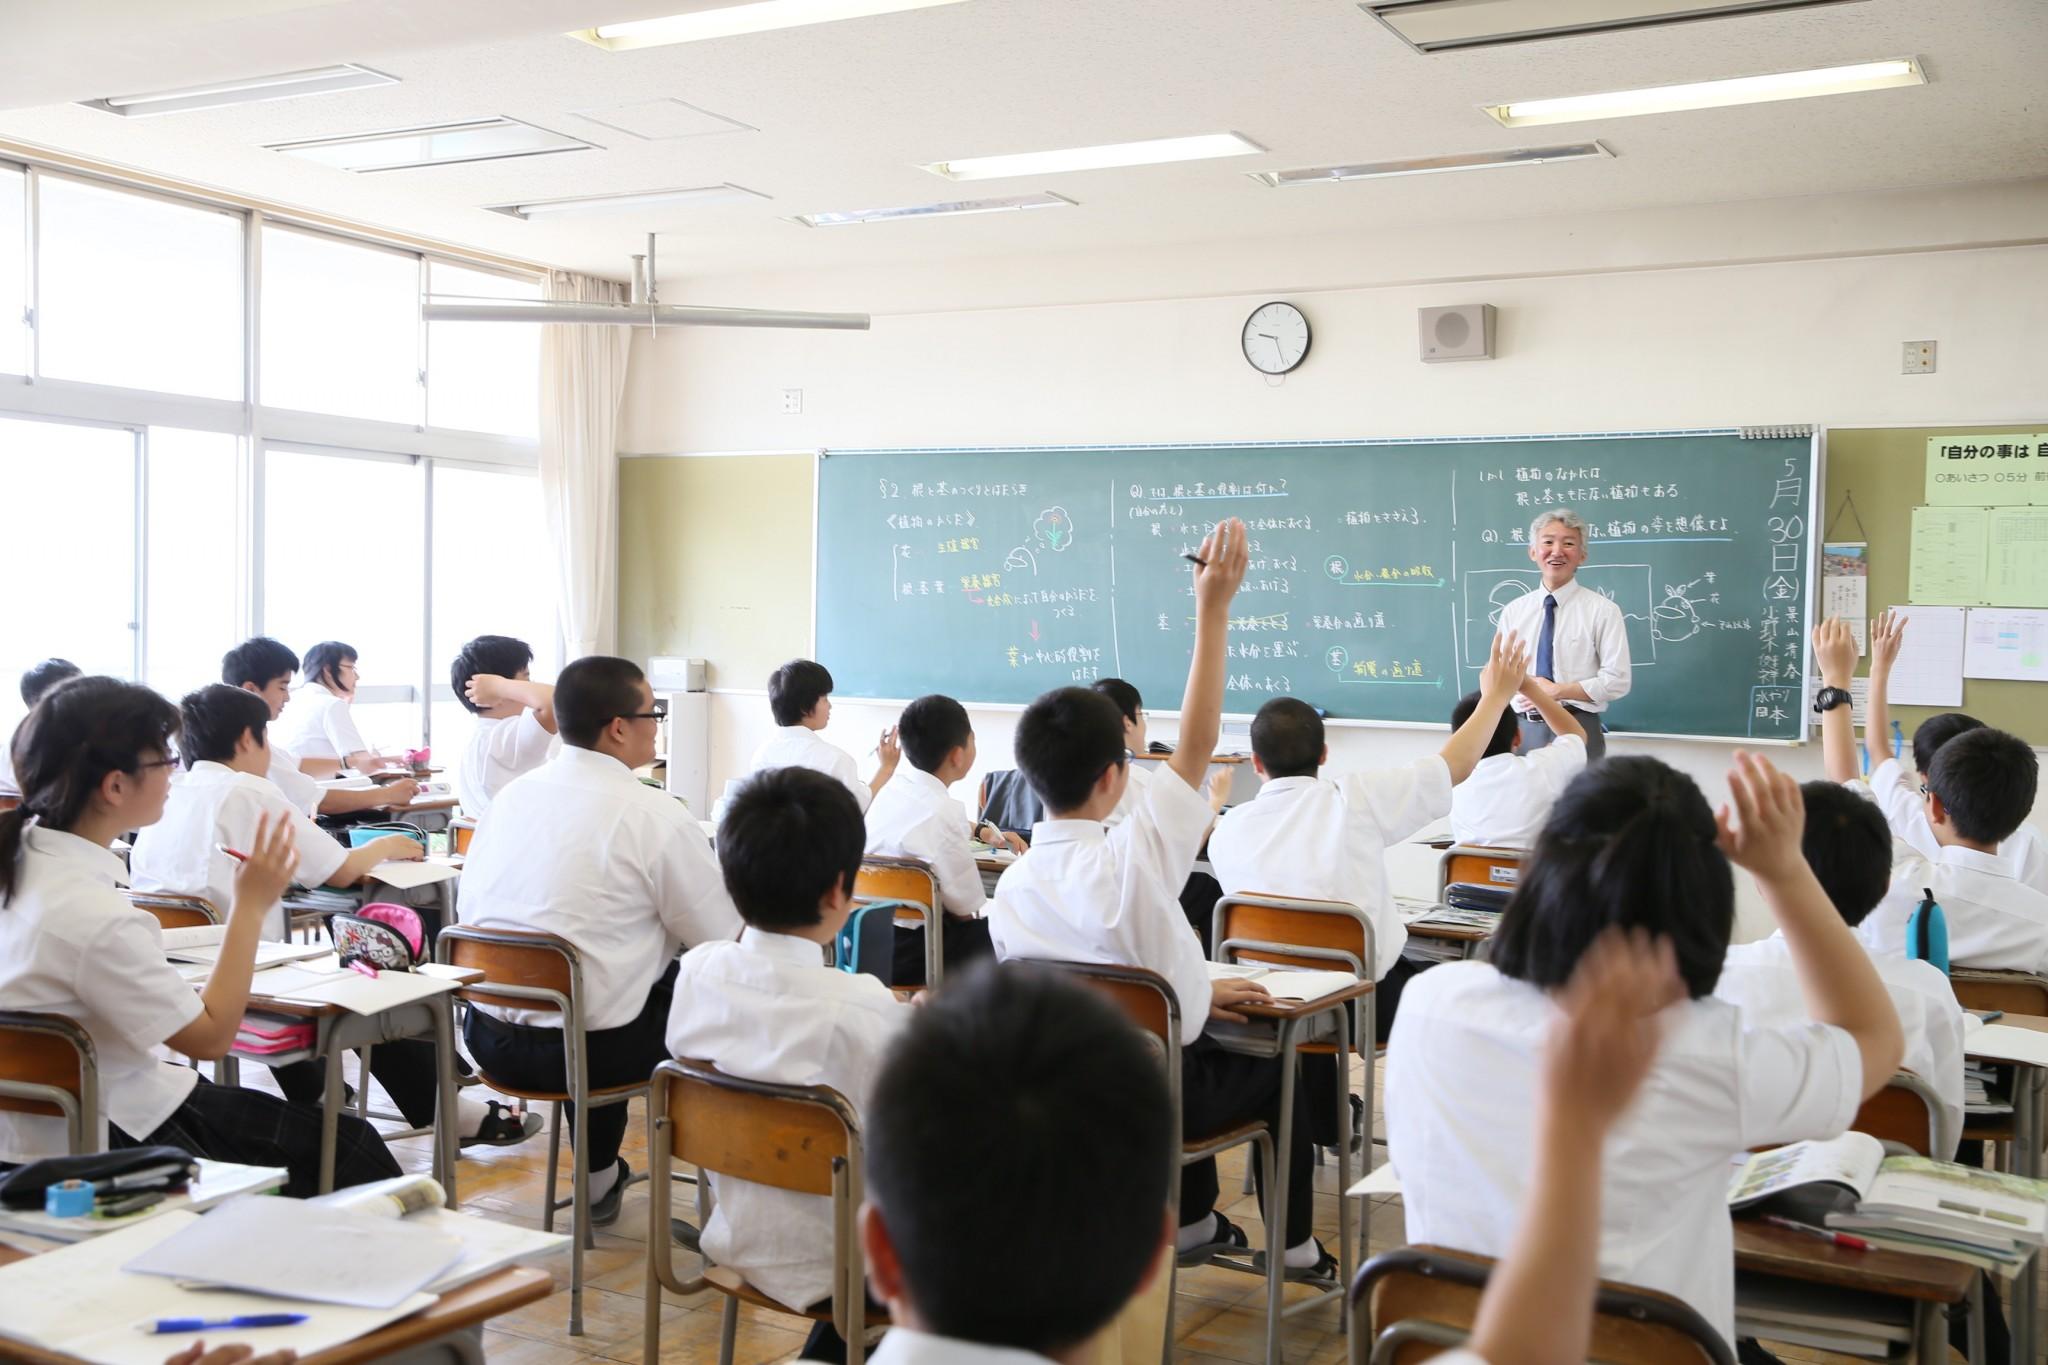 9月19日(土)大成中模試解説会(模試受験者対象)